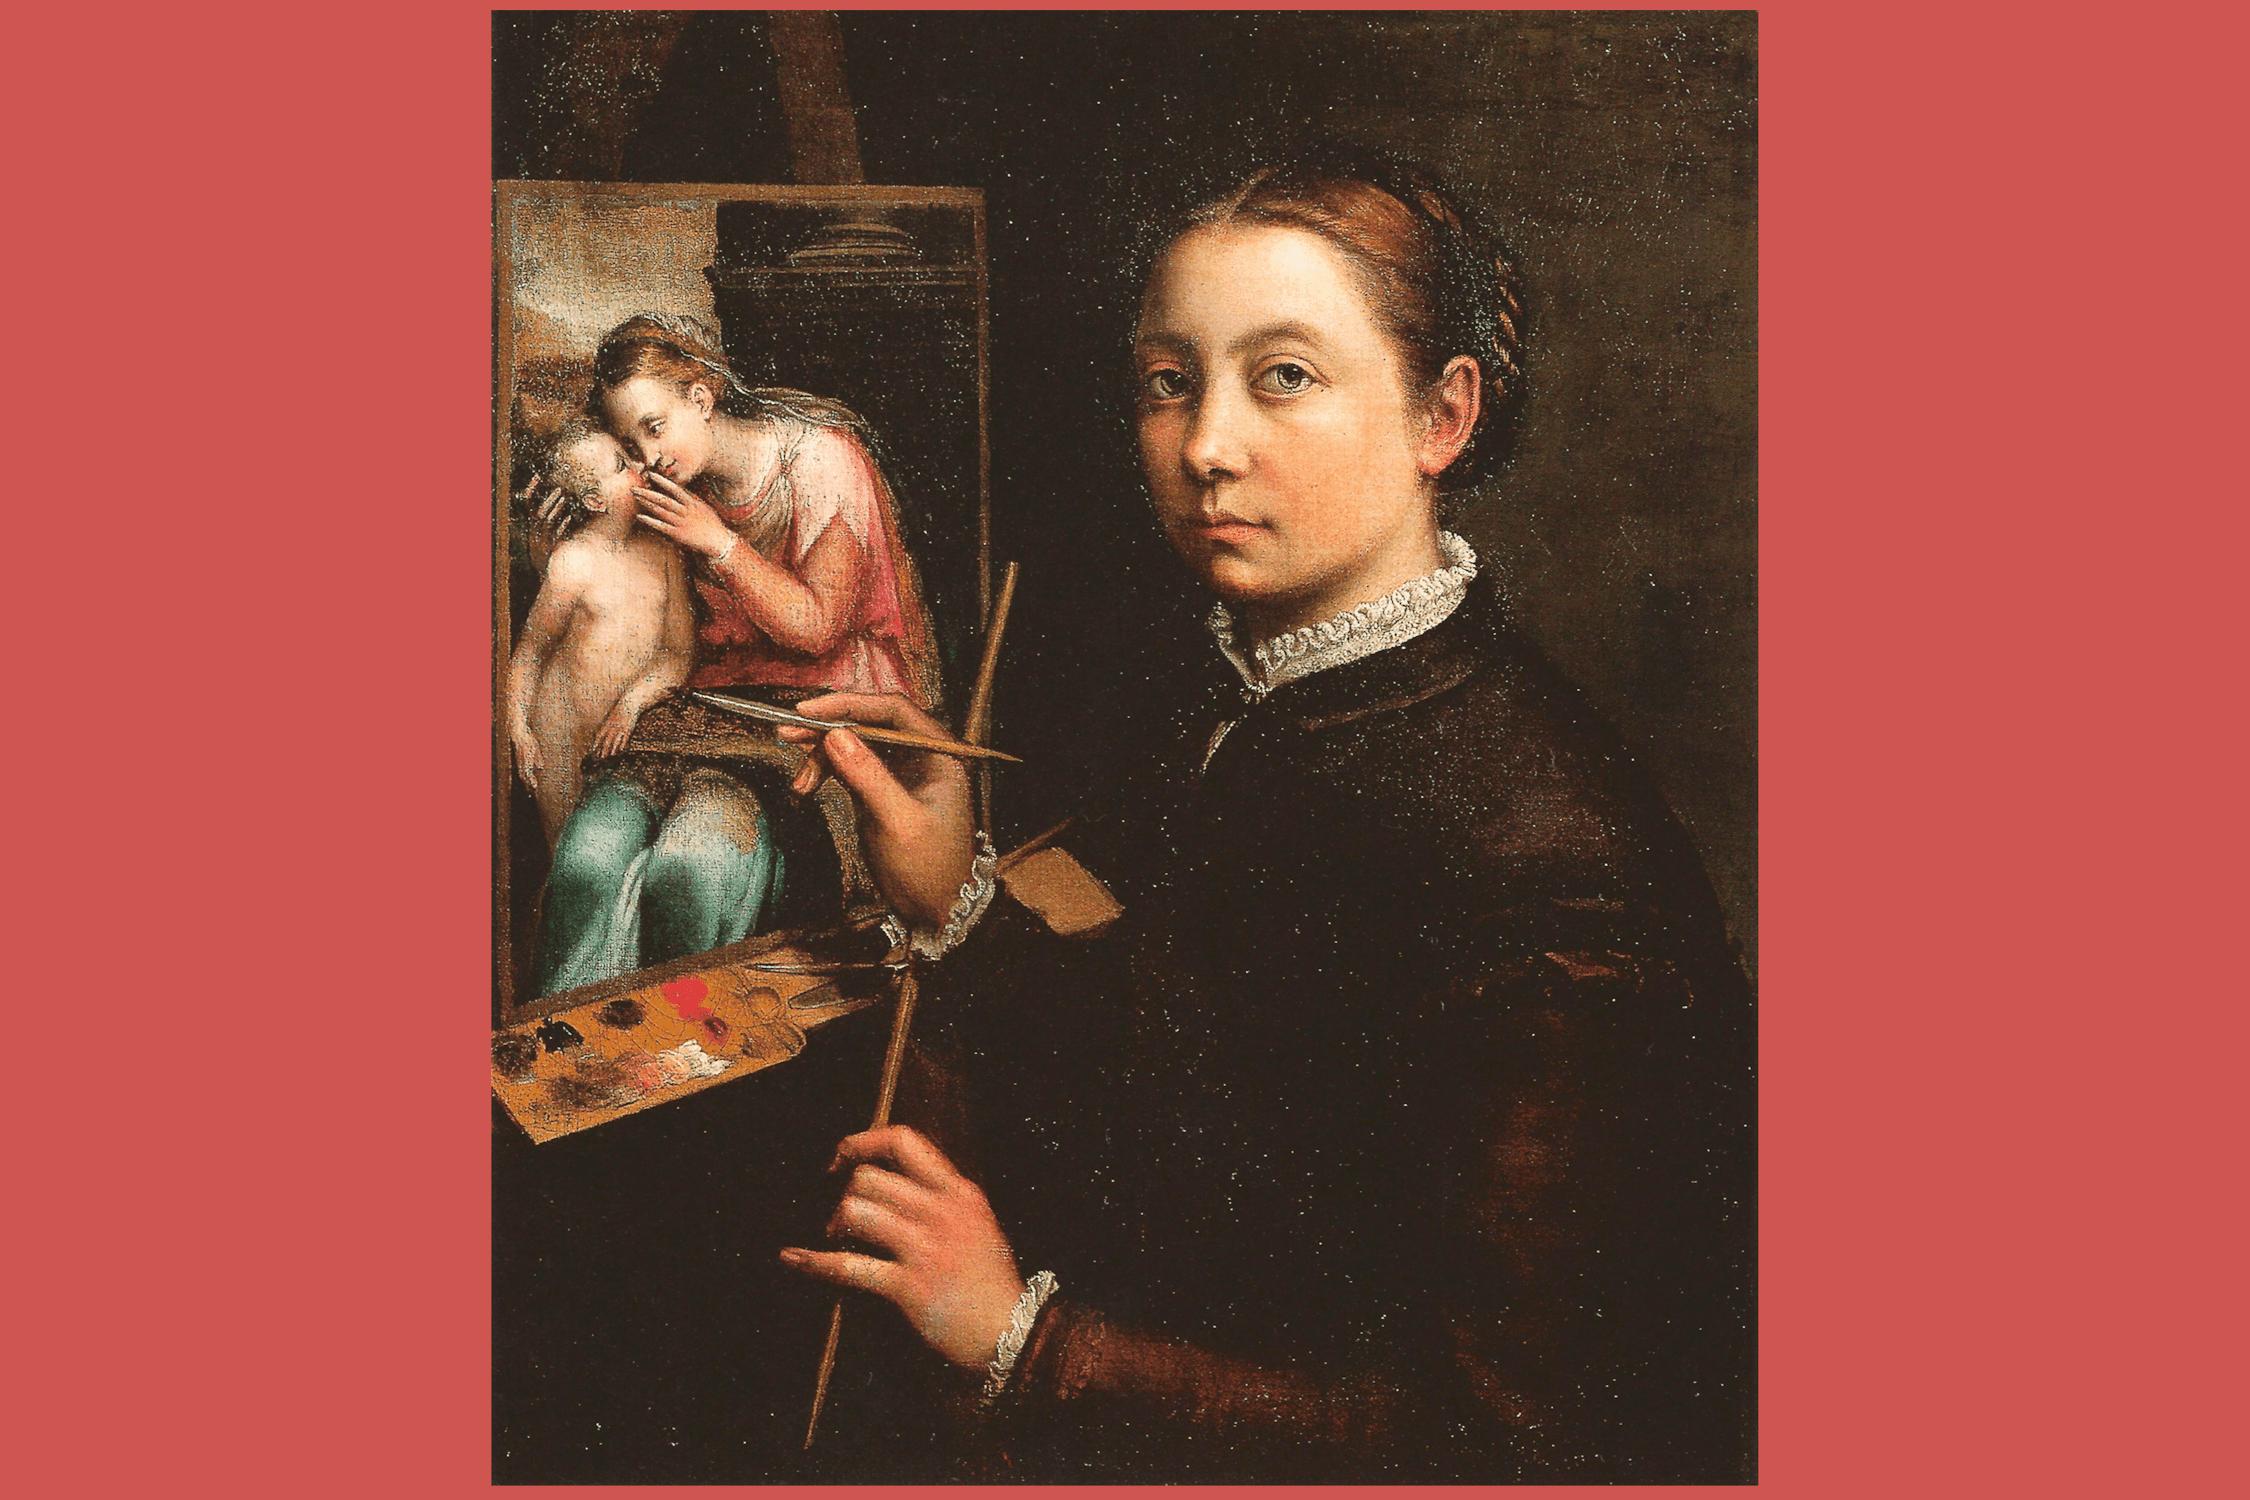 Self portrait of a woman painter